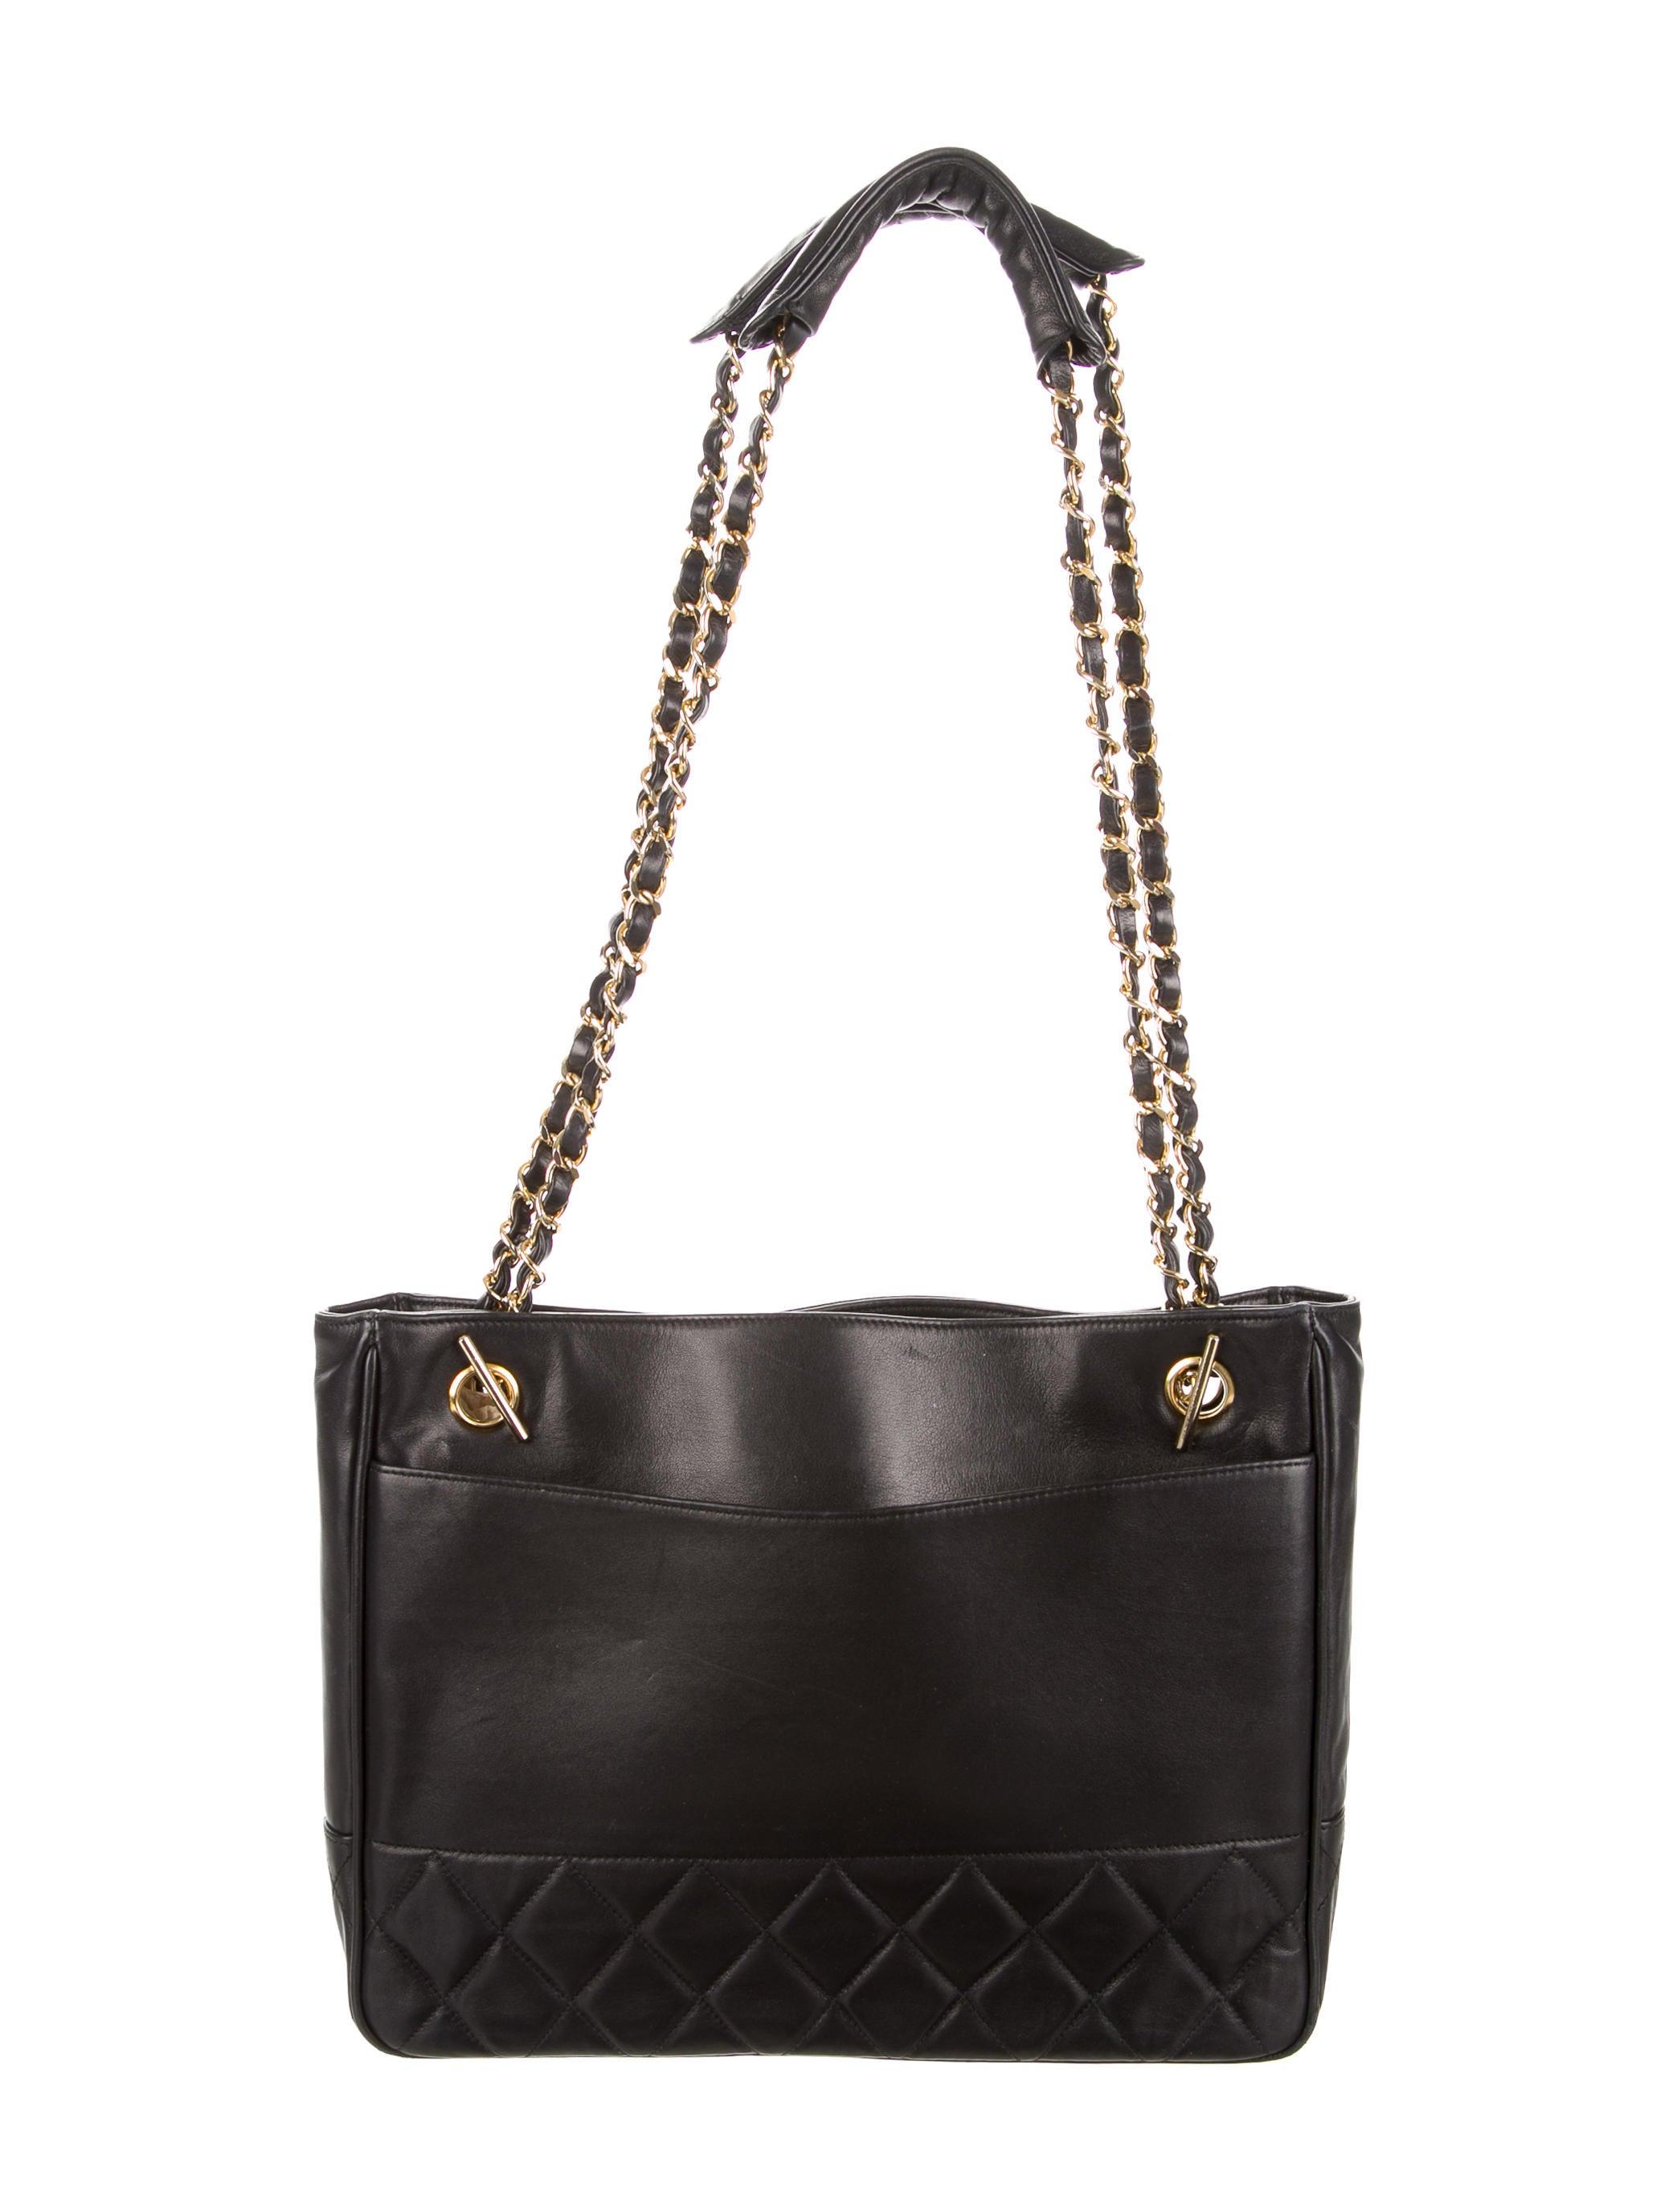 Chanel Vintage Shoulder Bag - Handbags